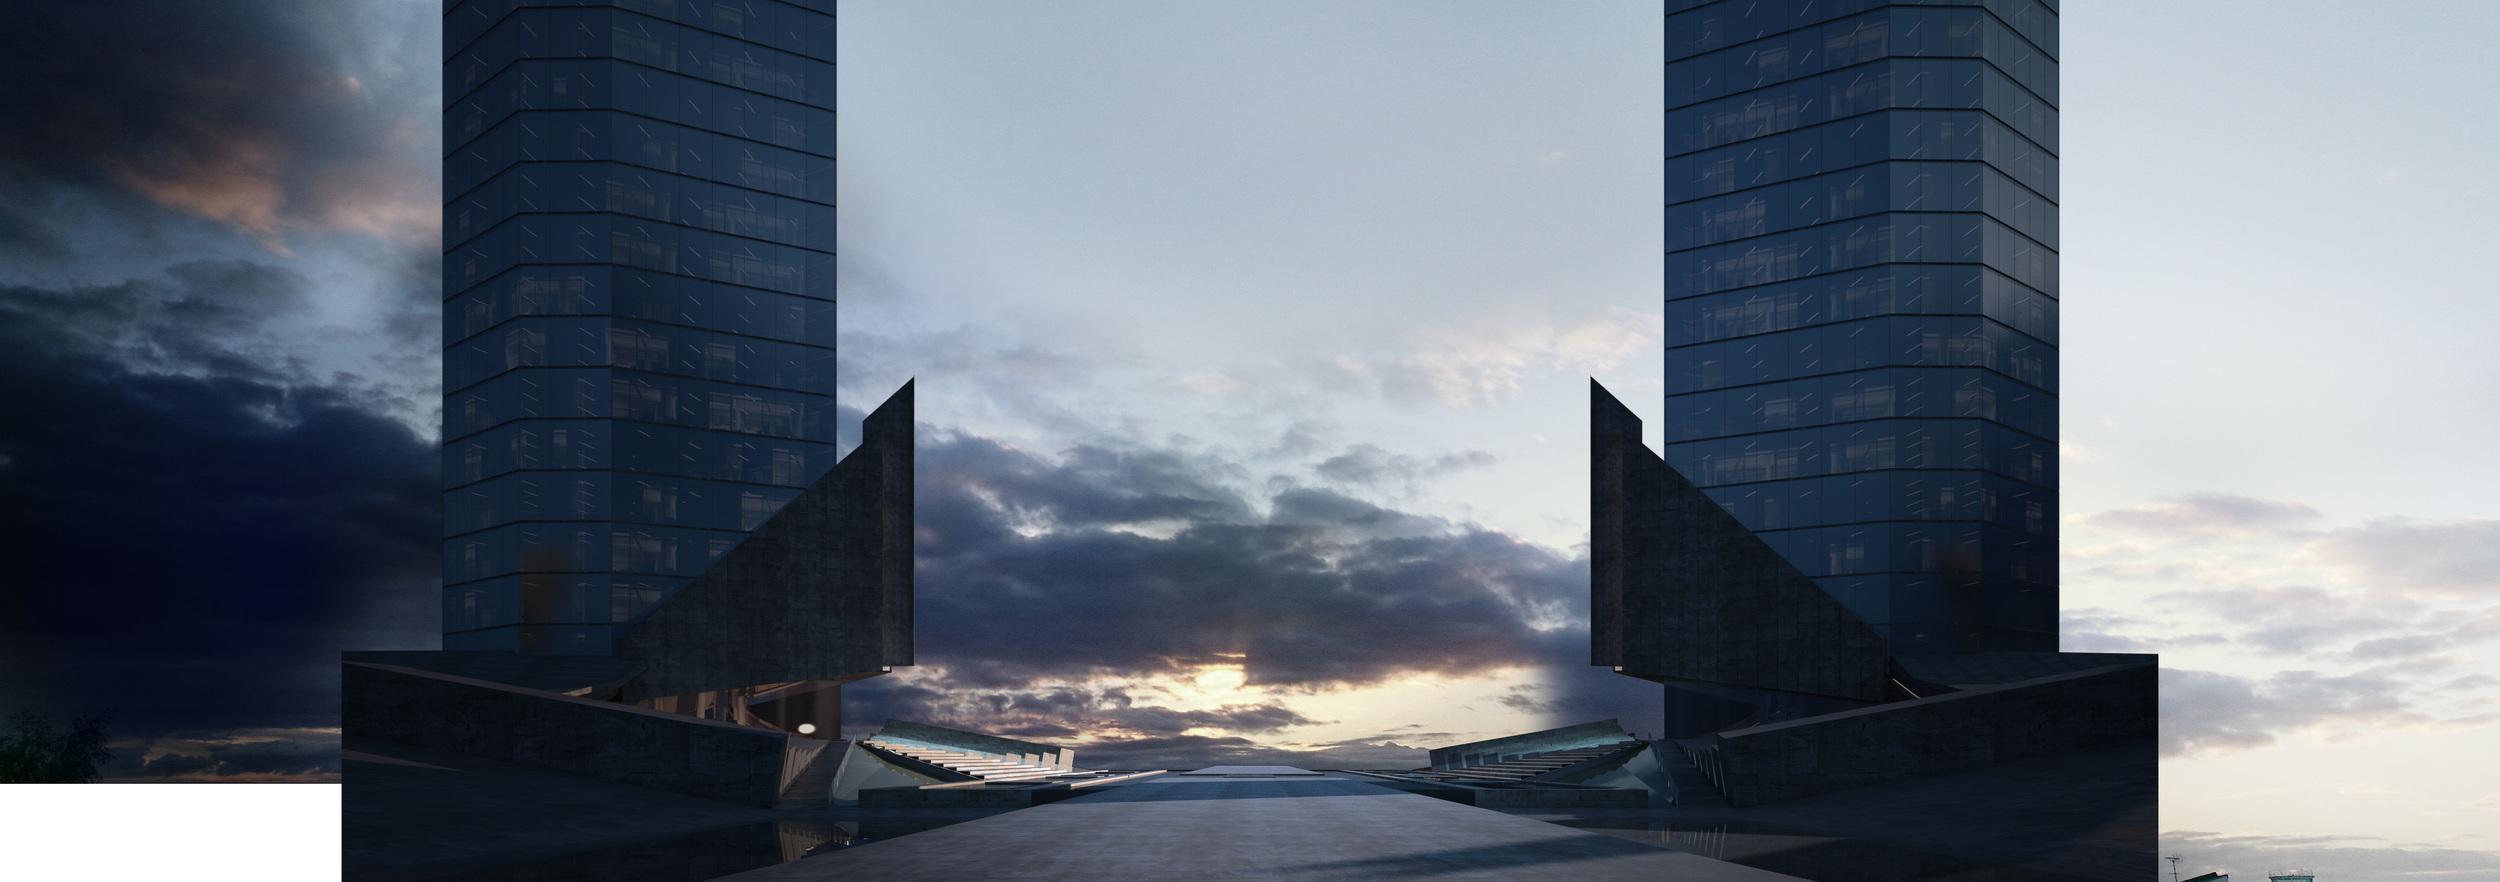 Breakdown - Step 2 - Sky and mood setting